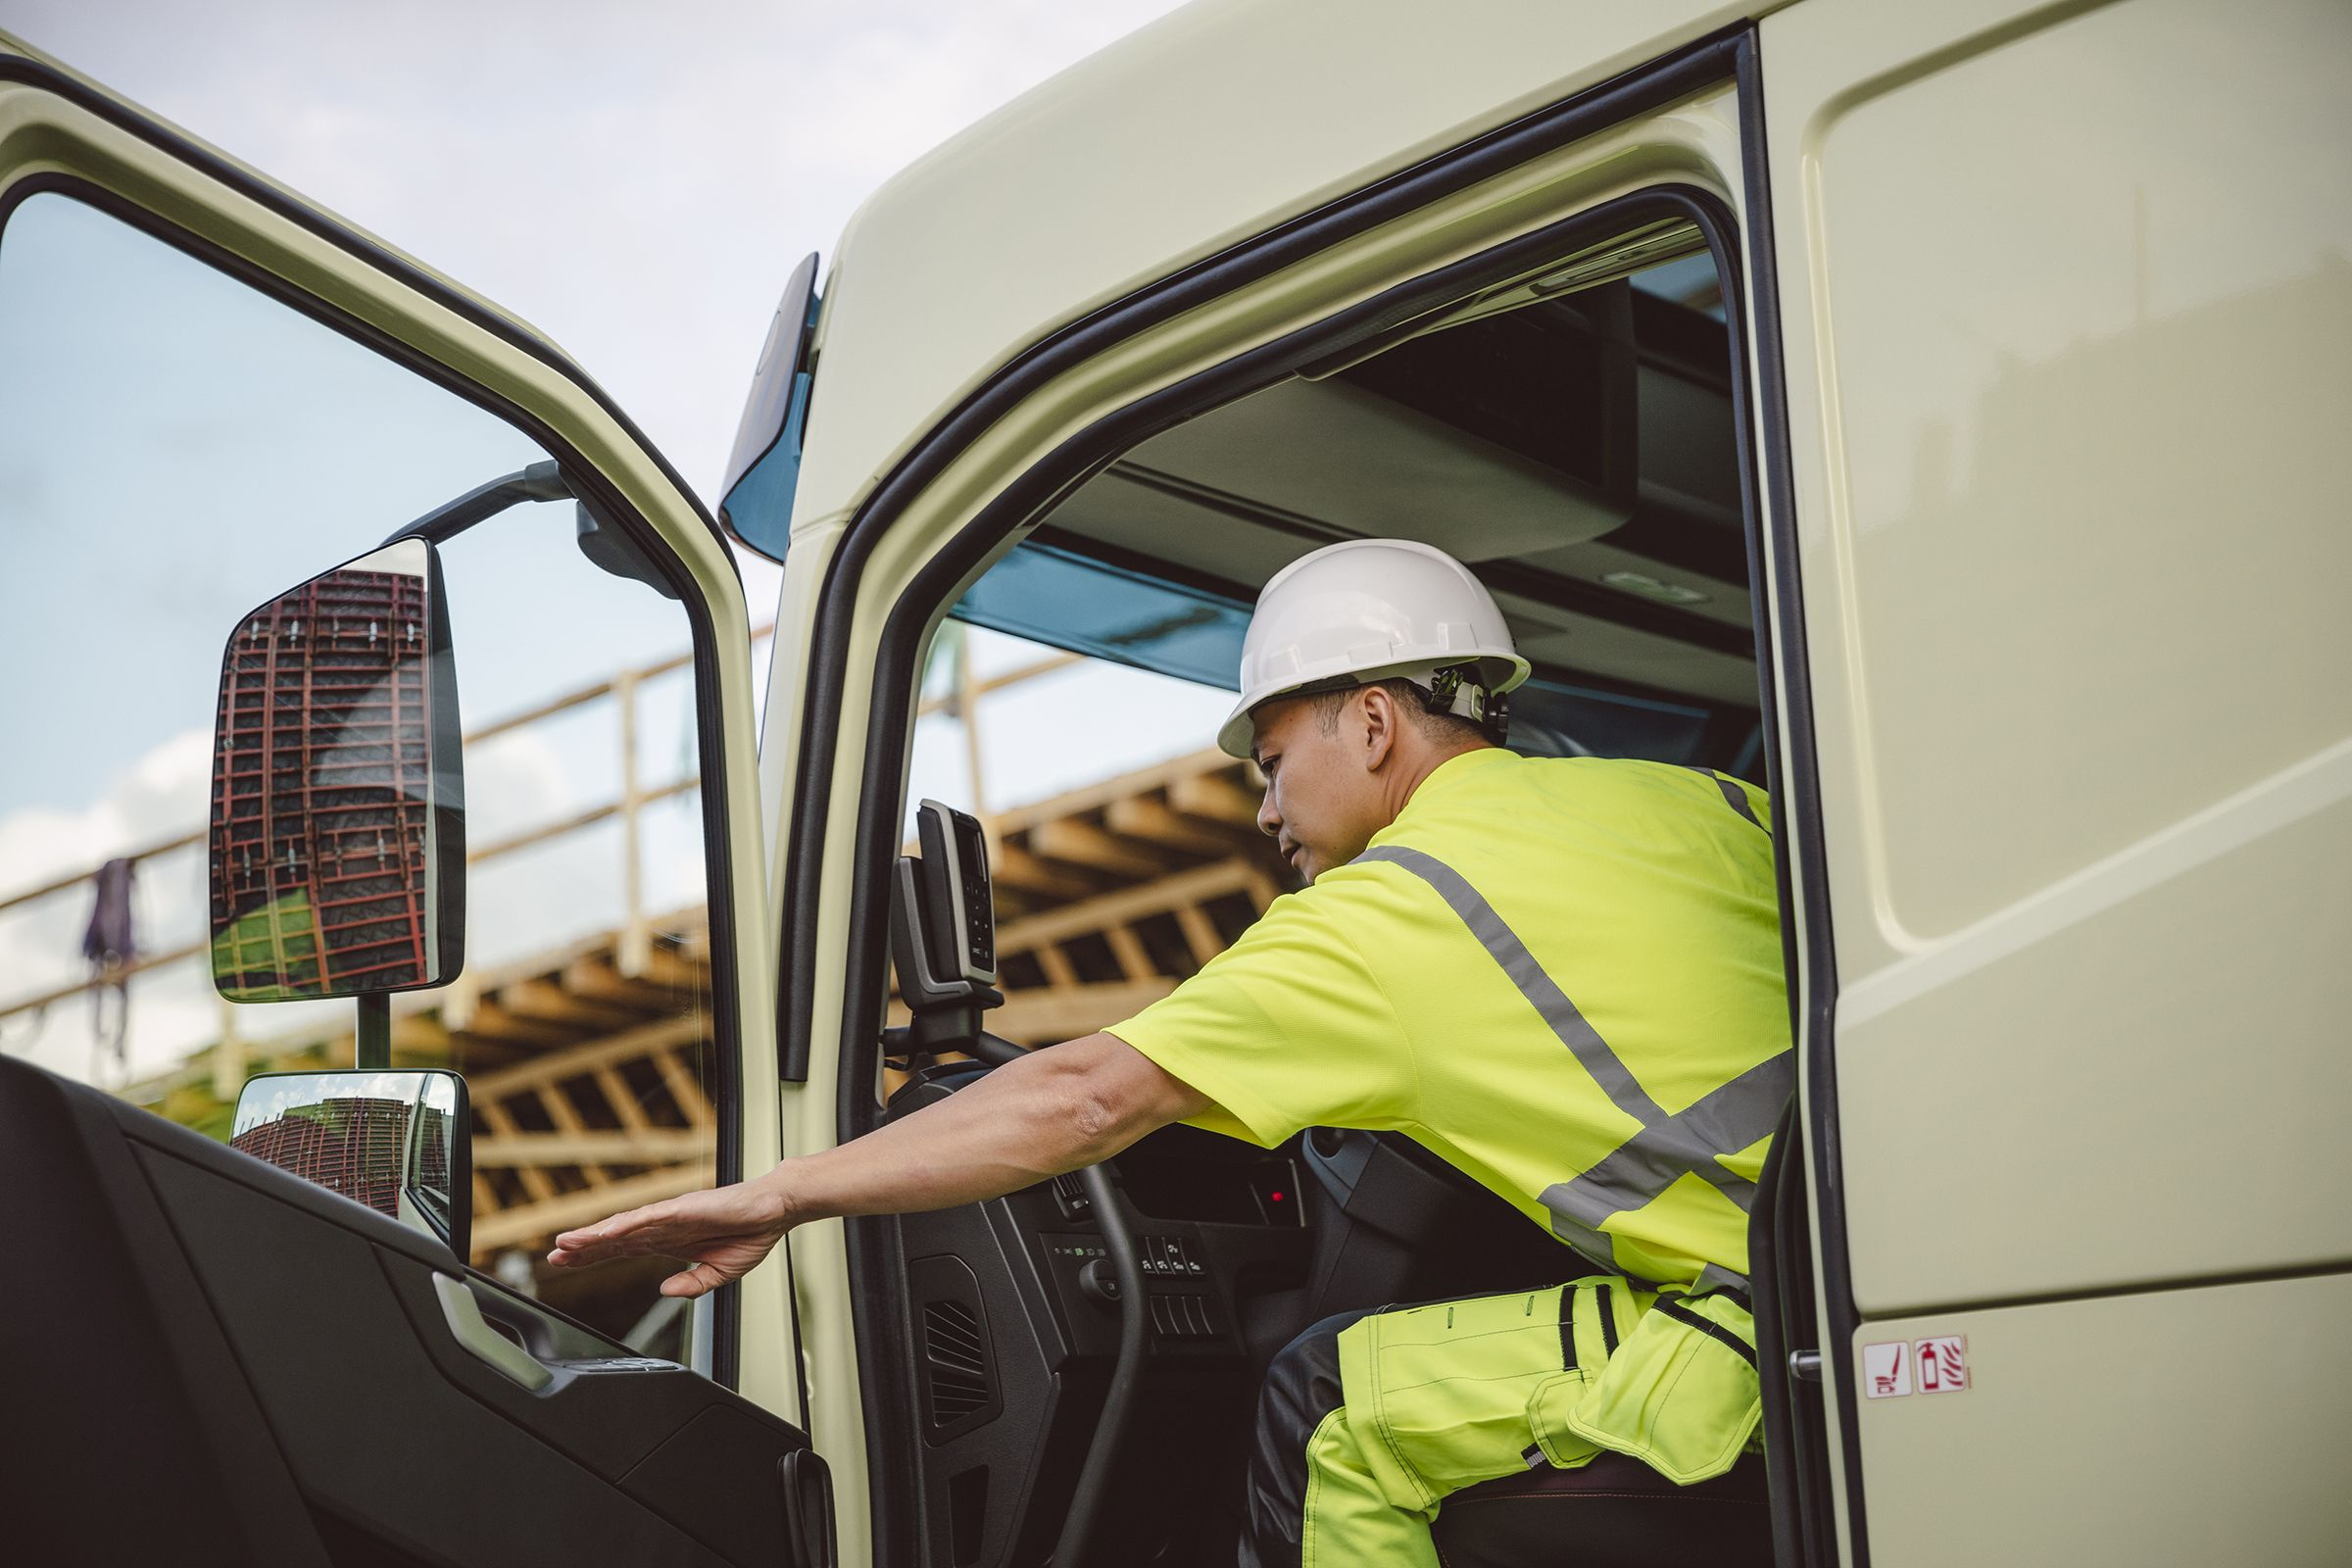 คนขับที่สวมหมวกนิรภัยนั่งอยู่ในรถโดยเปิดประตู